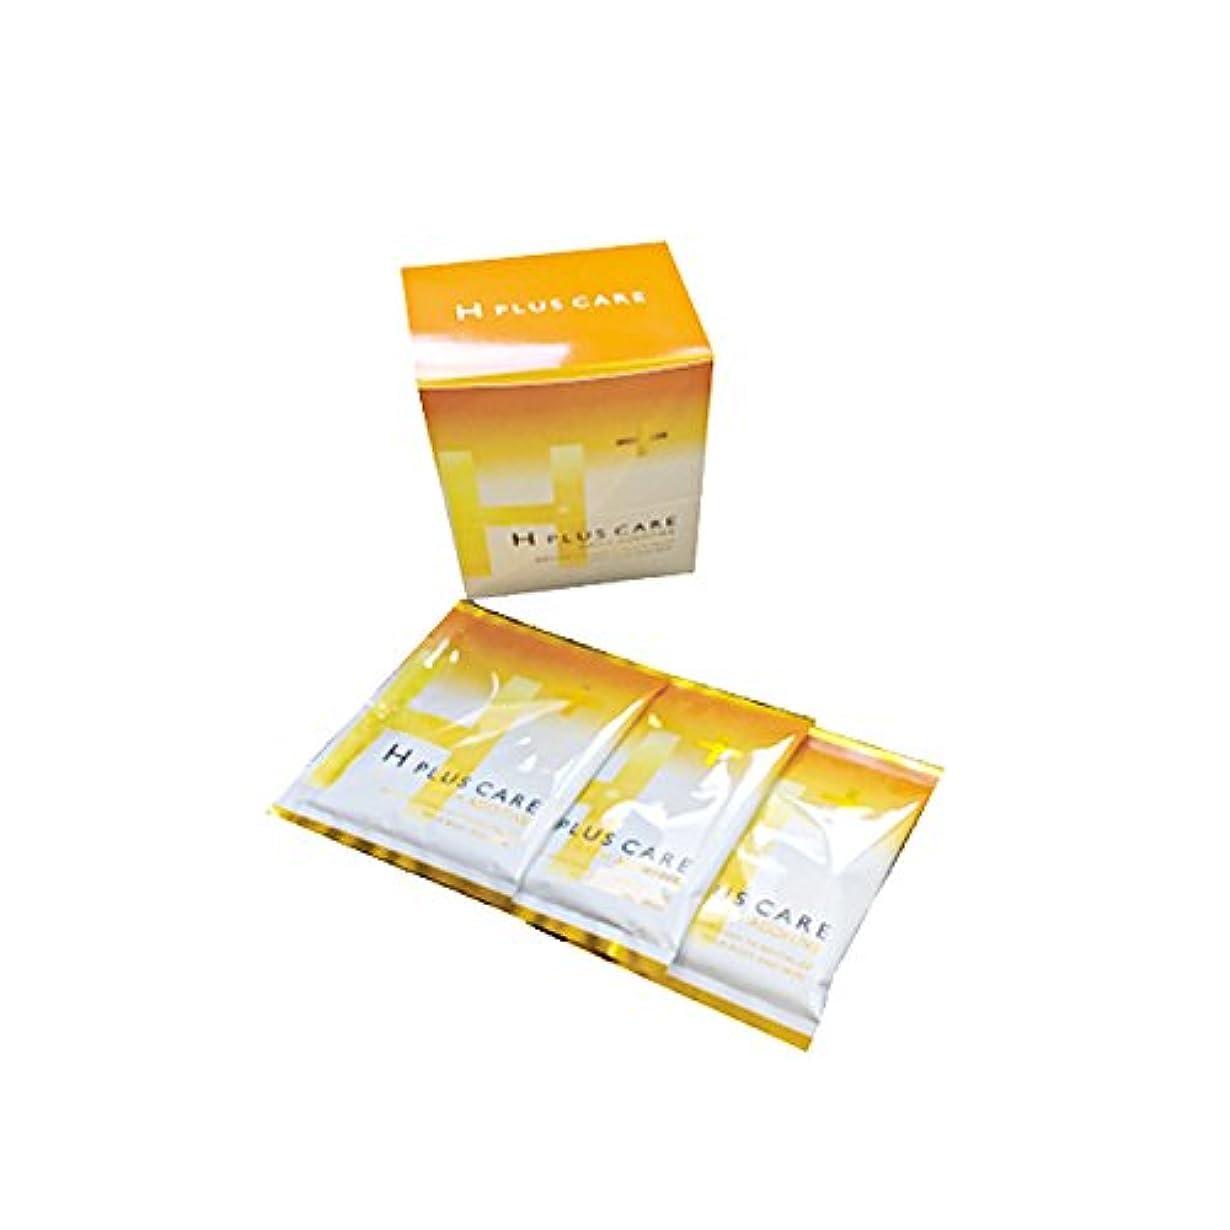 ラベンダー着実に甘い水素浴用剤 H PLUS CARE(エイチプラスケア) 450g(45g×10包) アンタレス